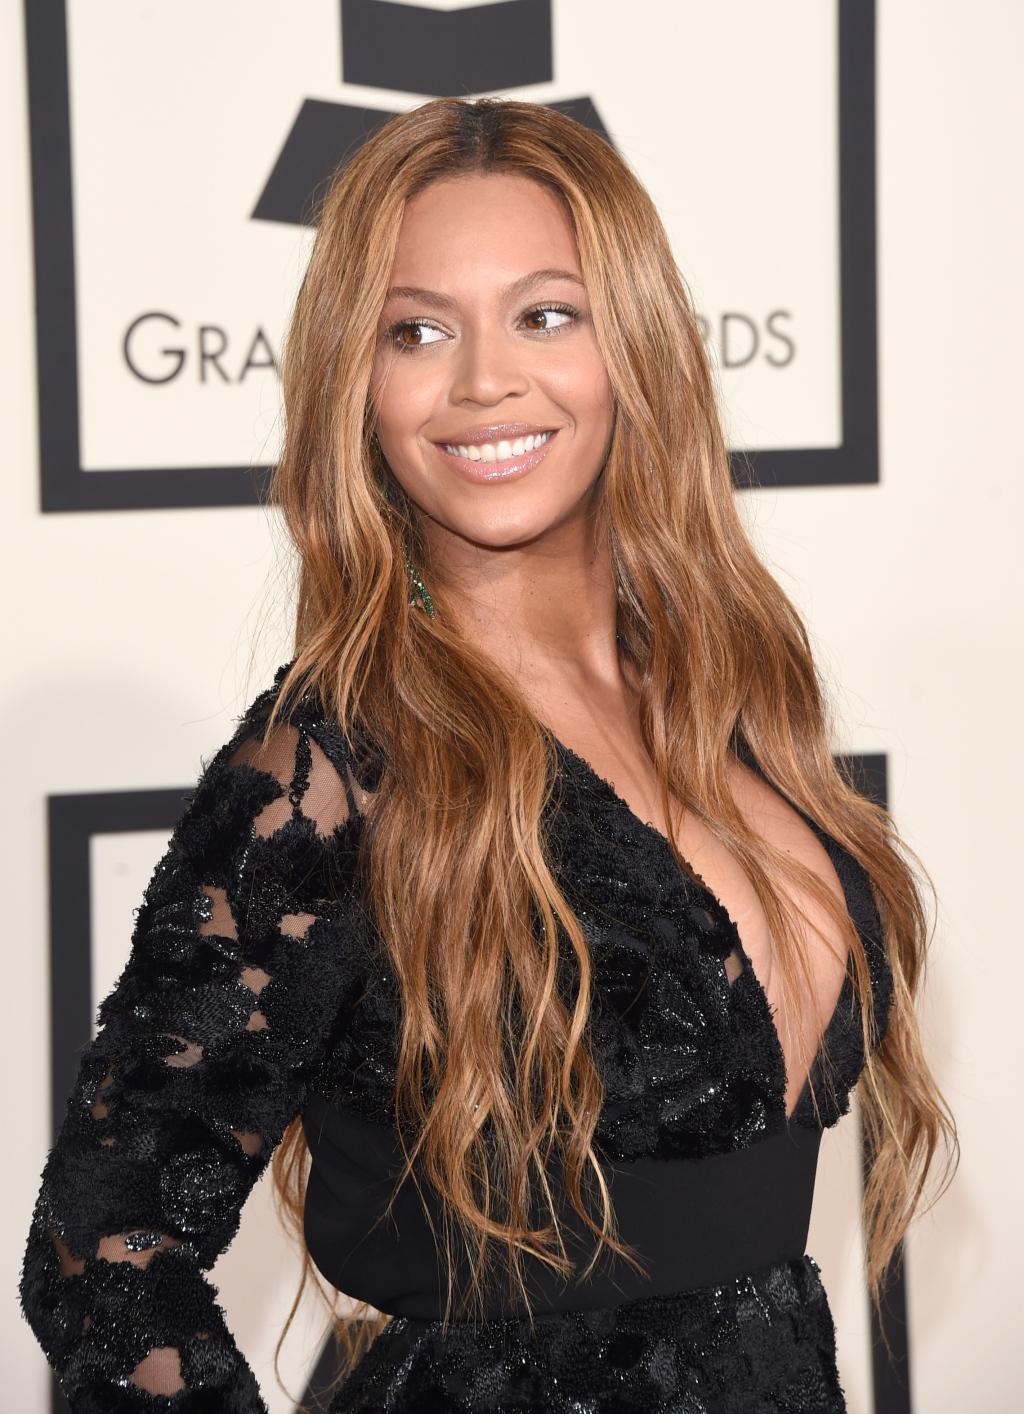 Il Meglio dei Grammy Awards 2015  Il Meglio dei Grammy Awards 2015 beyonce3